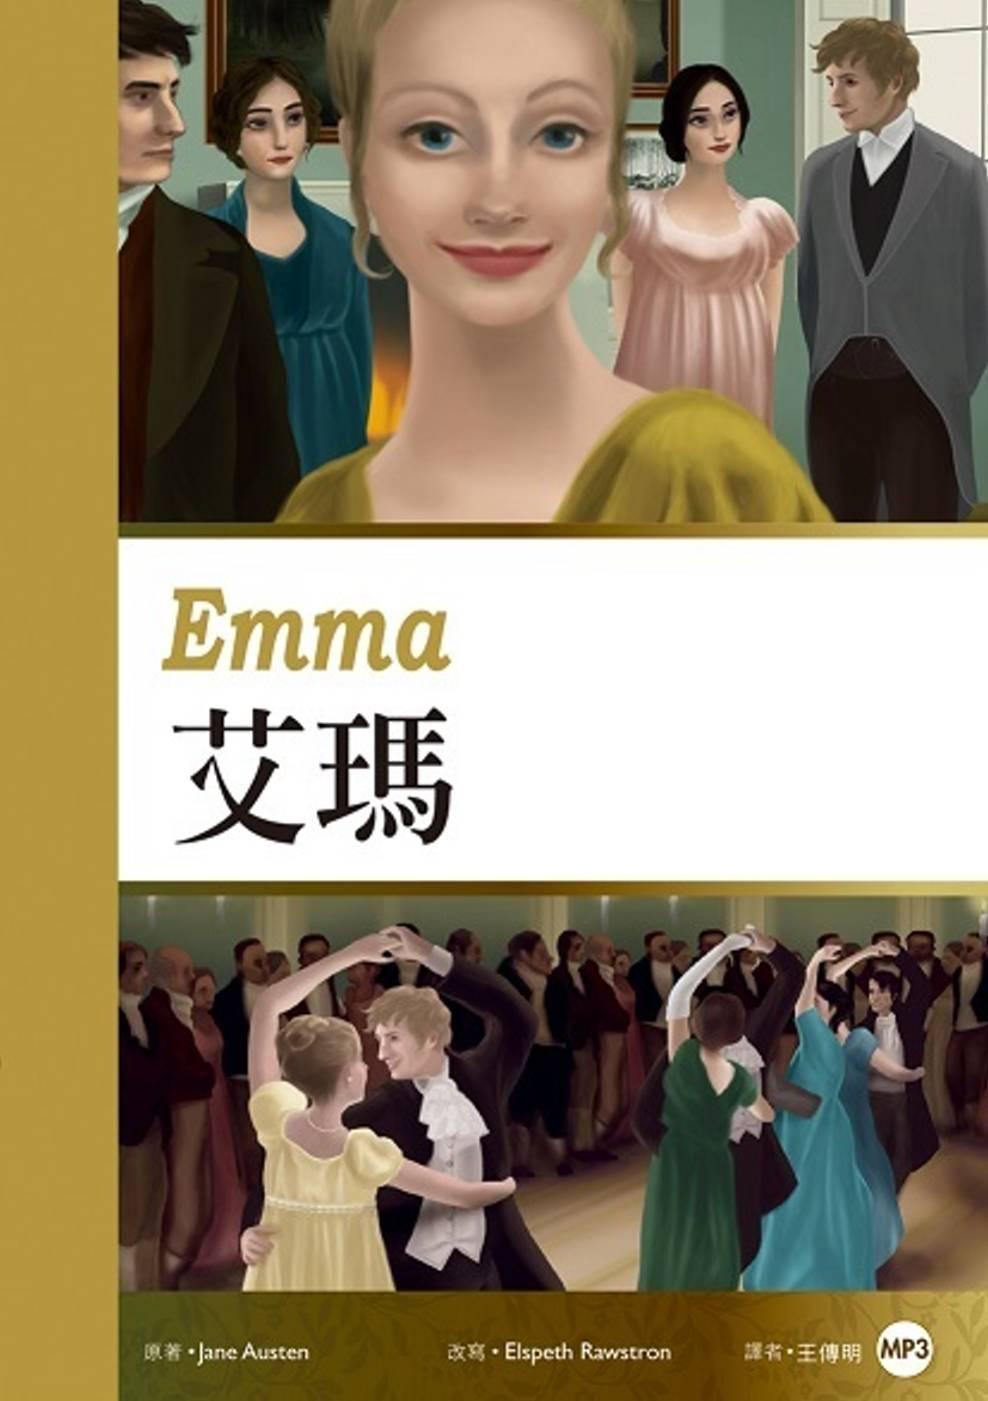 艾玛 Emma (25K彩图经典文学改写+1MP3)